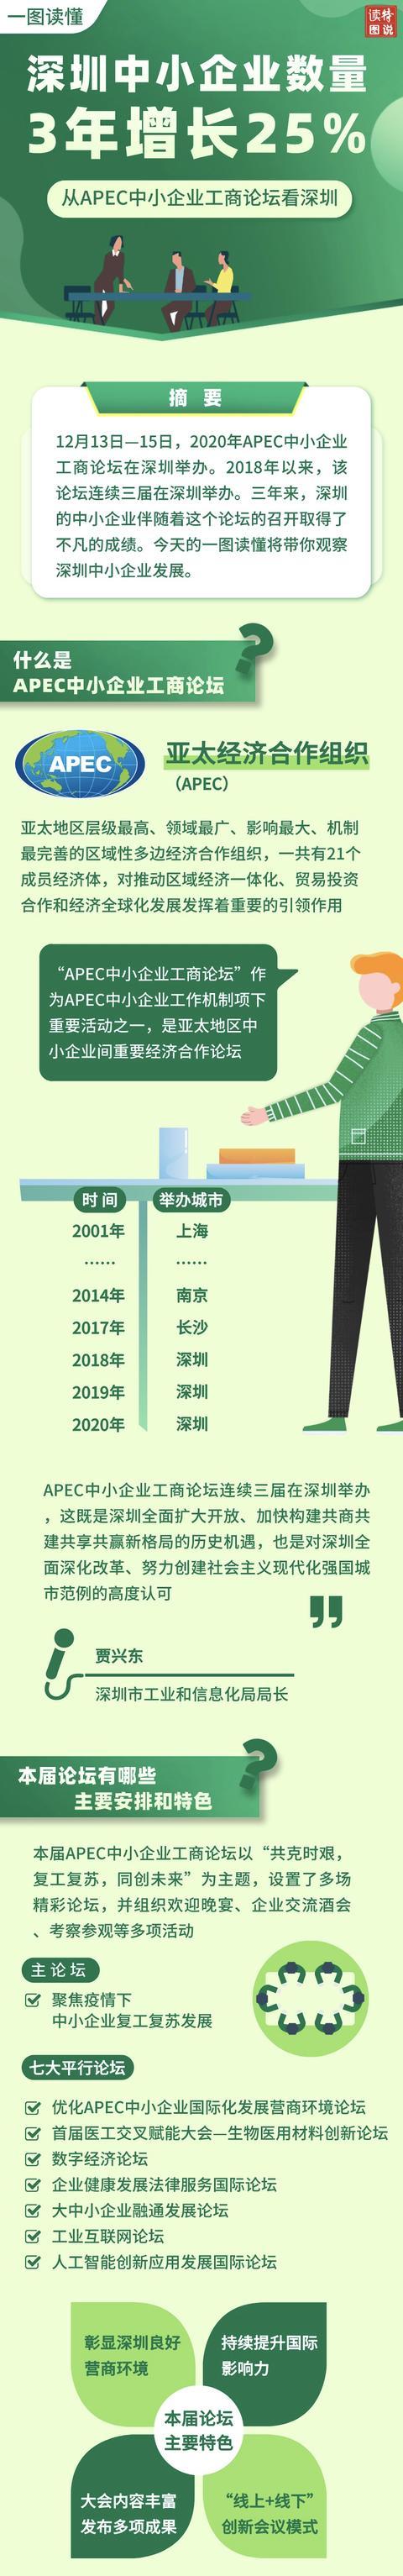 一图读懂 | 深圳中小企业数量3年增长25%